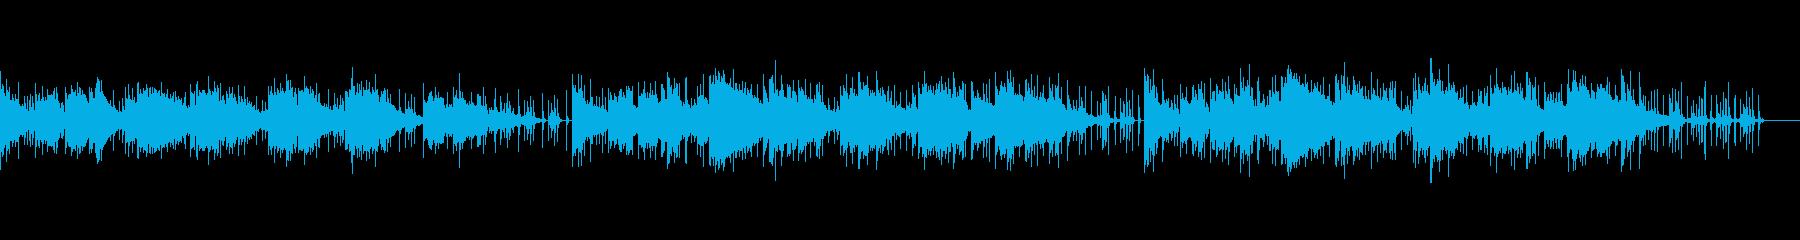 エスニックで怪しい/サスペンス/ホラーの再生済みの波形